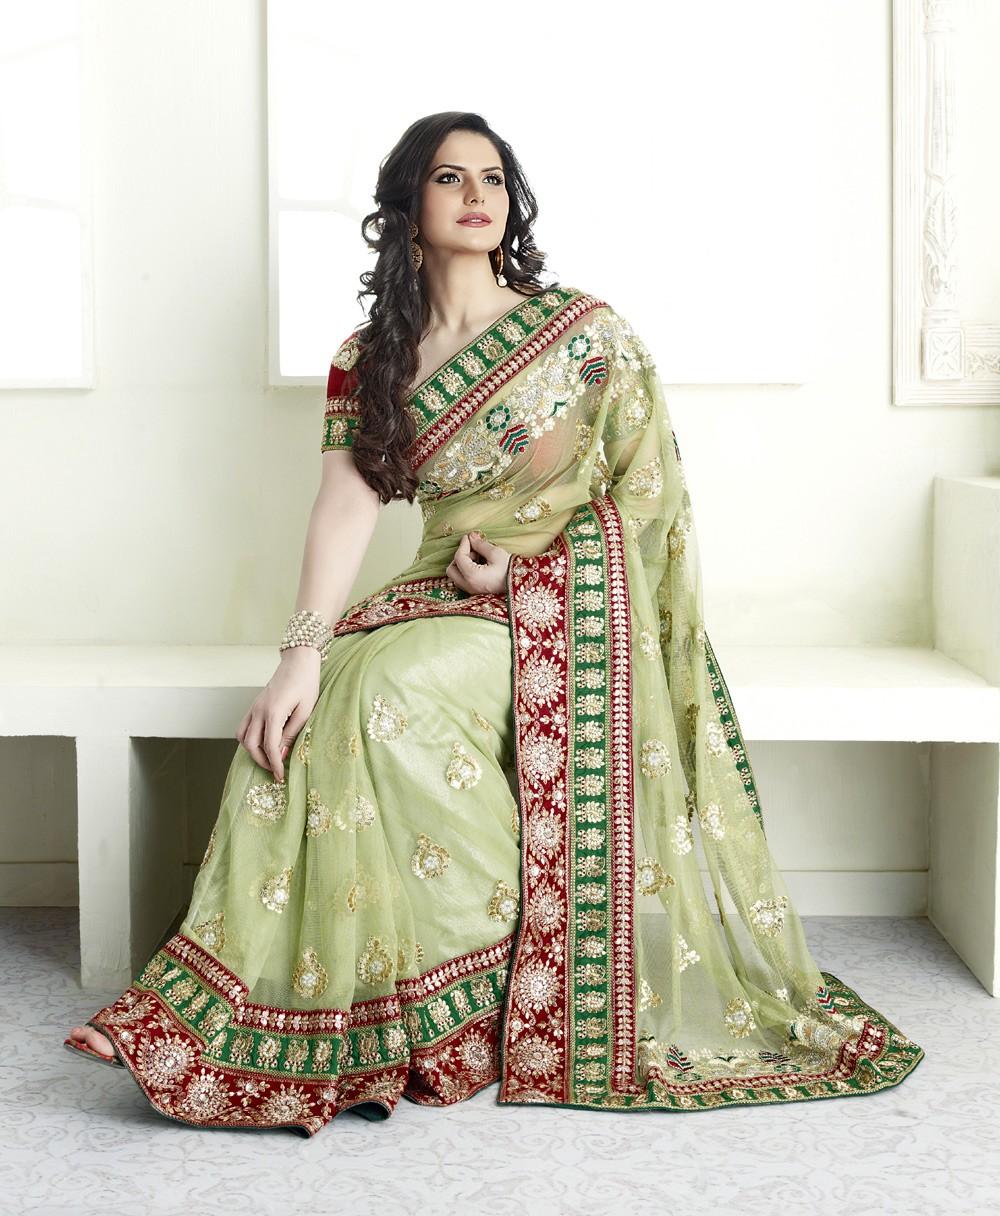 Zarine khan actress saree pictures